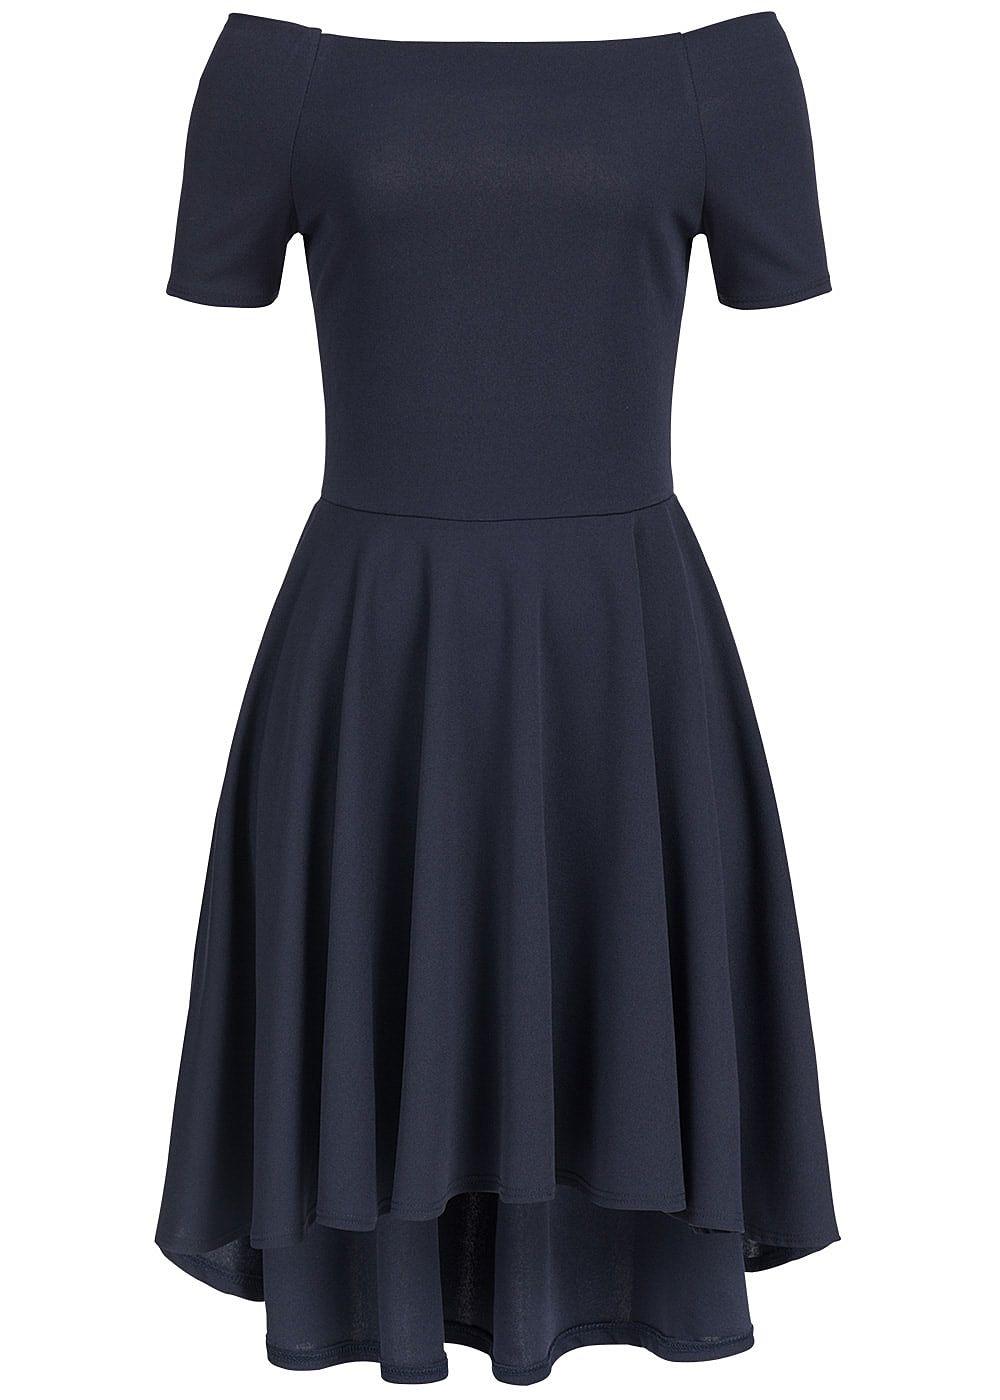 styleboom fashion damen kleid off shoulder vokuhila navy blau 77onlineshop. Black Bedroom Furniture Sets. Home Design Ideas